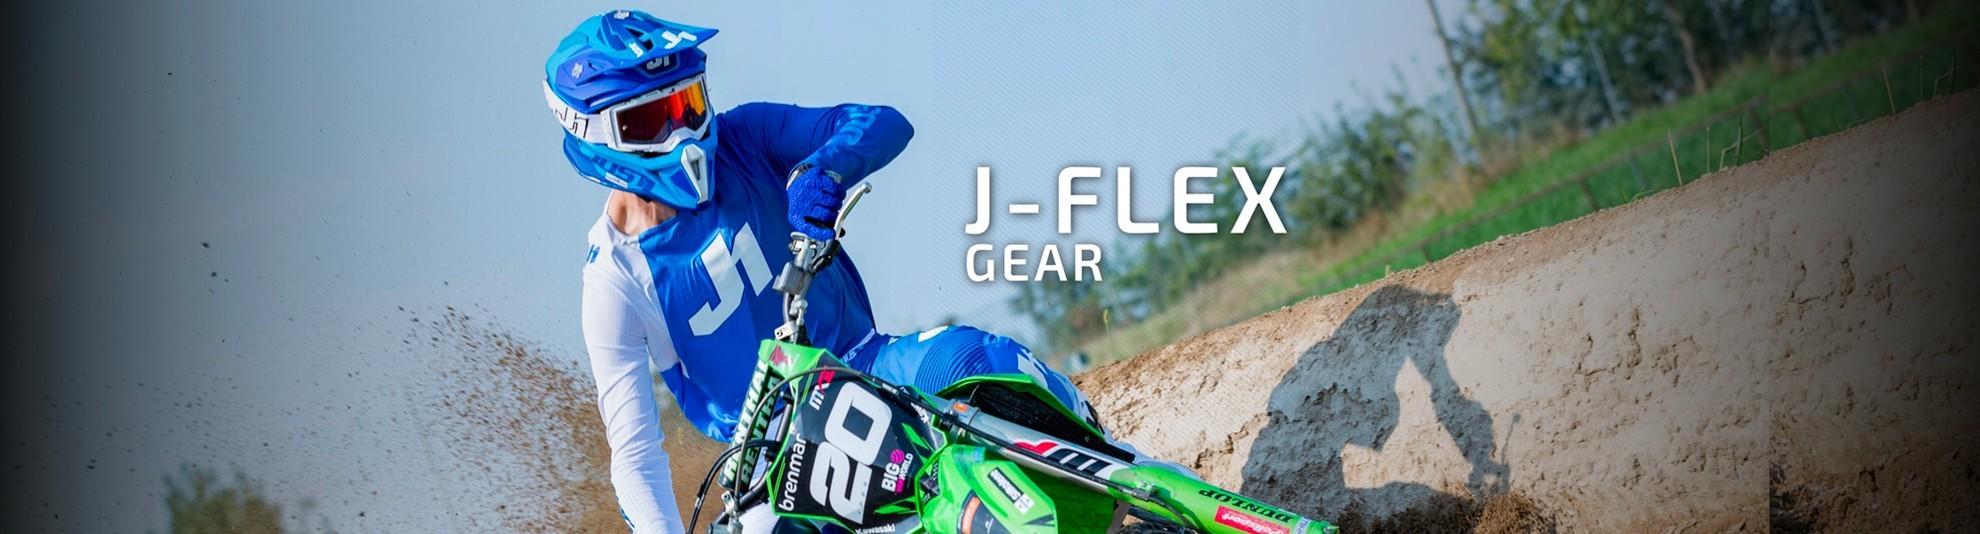 J-FLEX GEAR